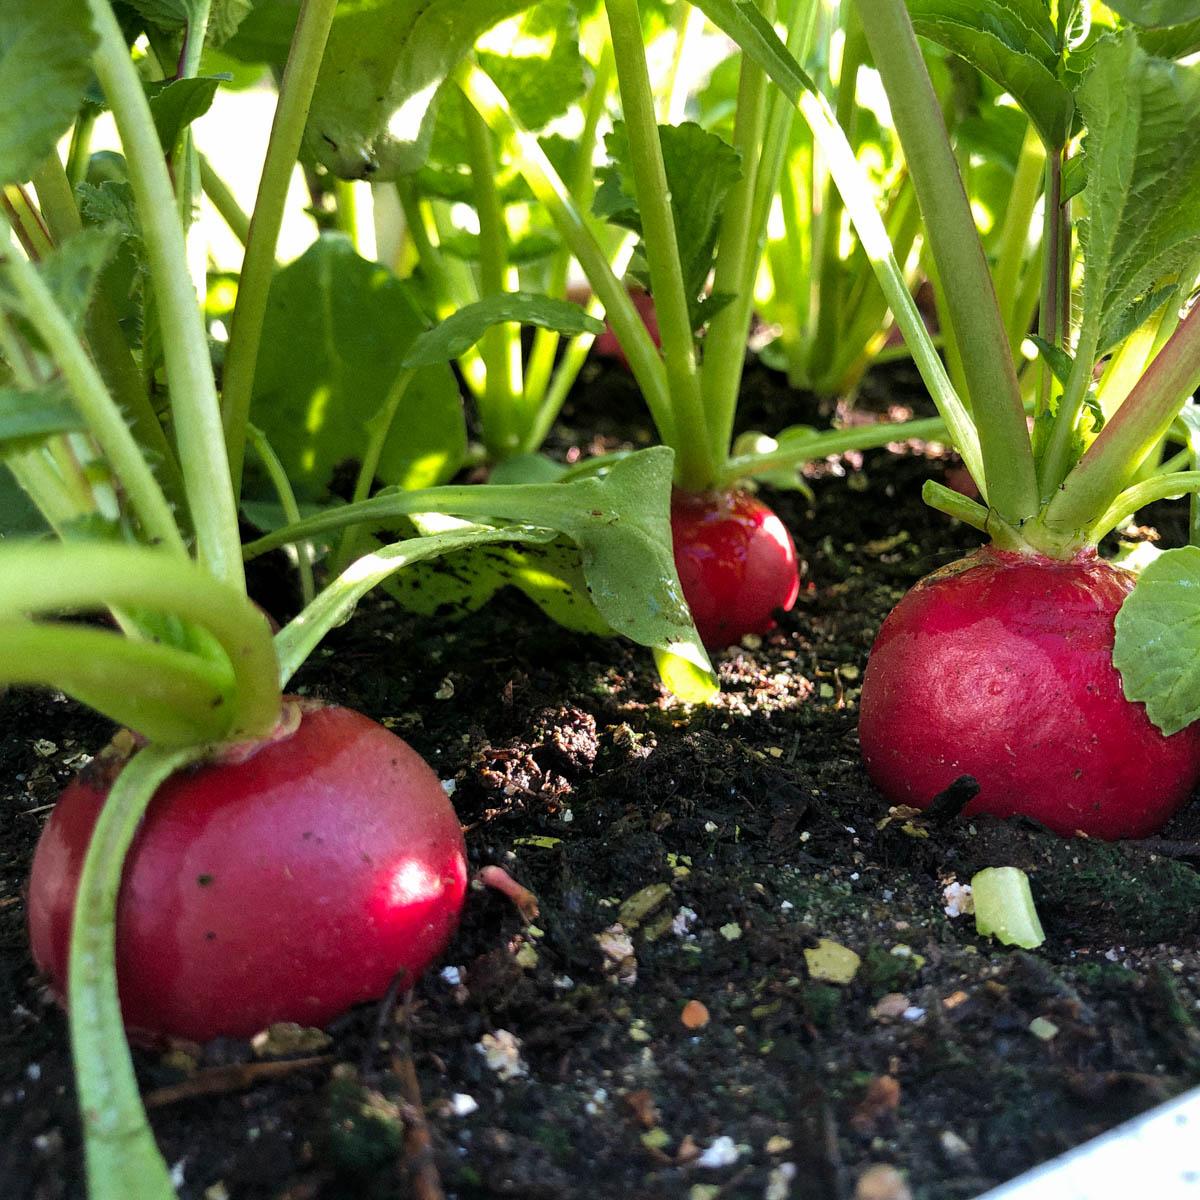 Mooie grote radijzen: klaar om te oogsten